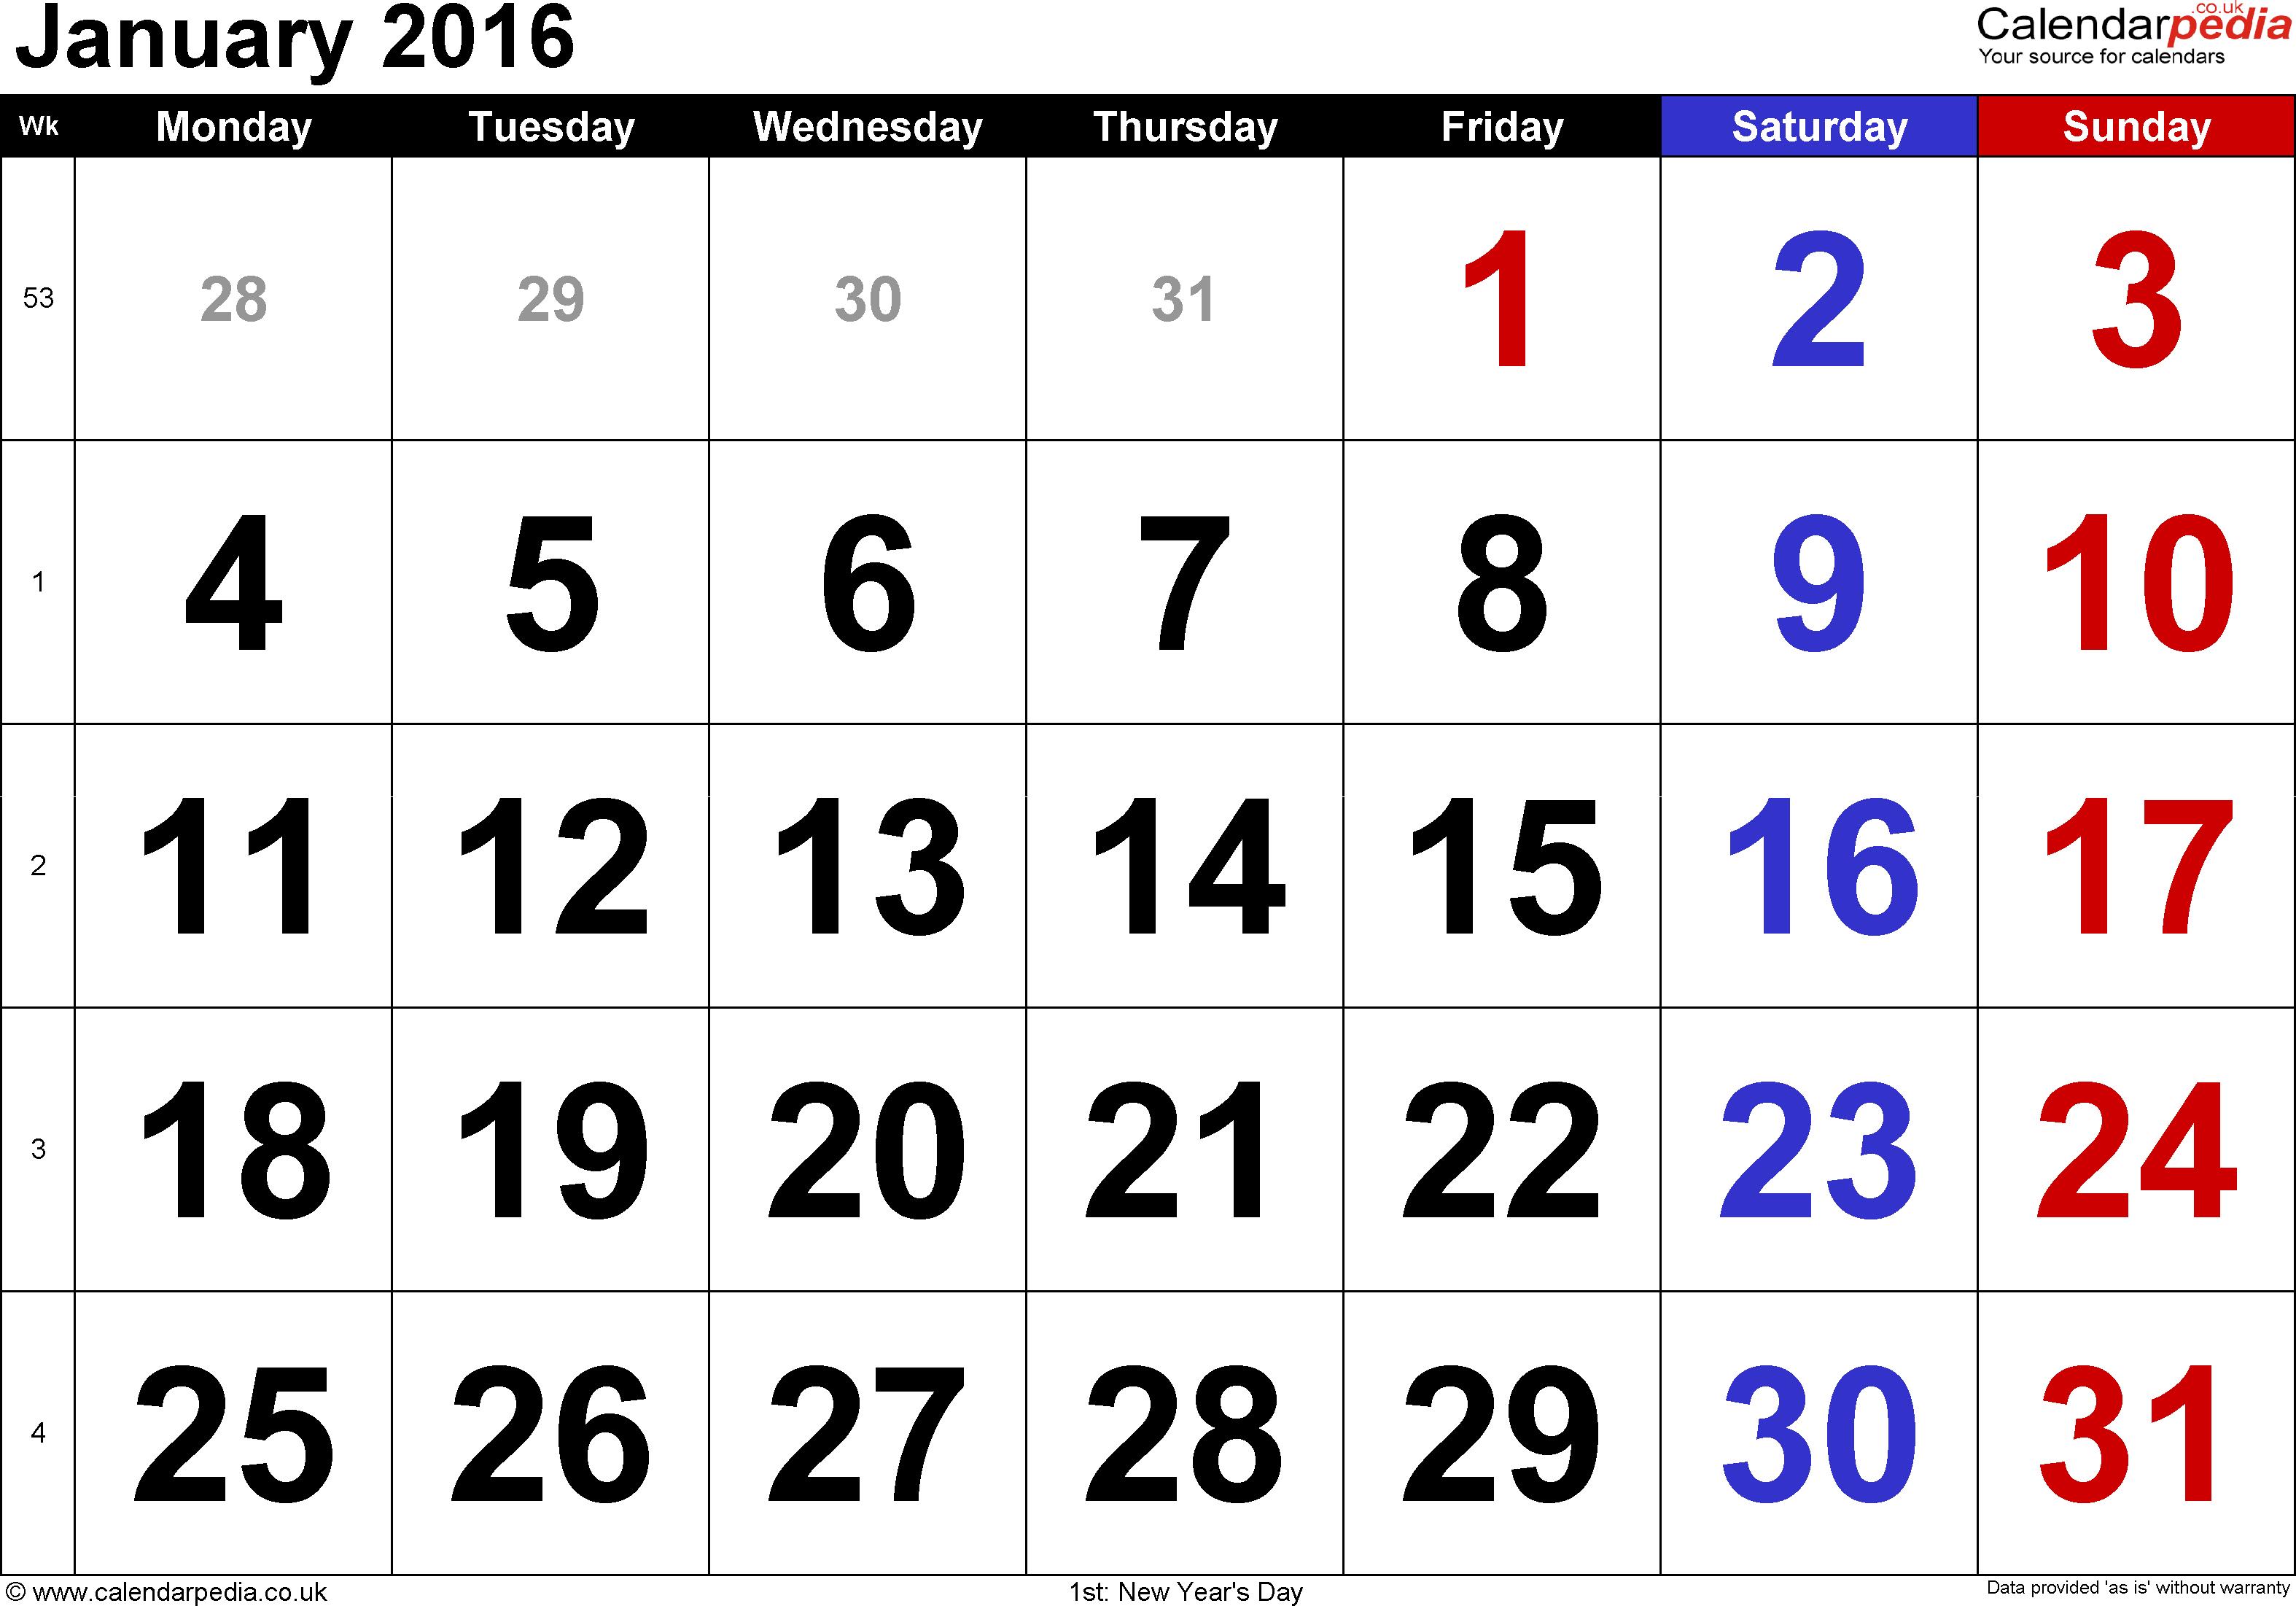 Calendar clipart january calendar Cute Clipart january 2016 clipart